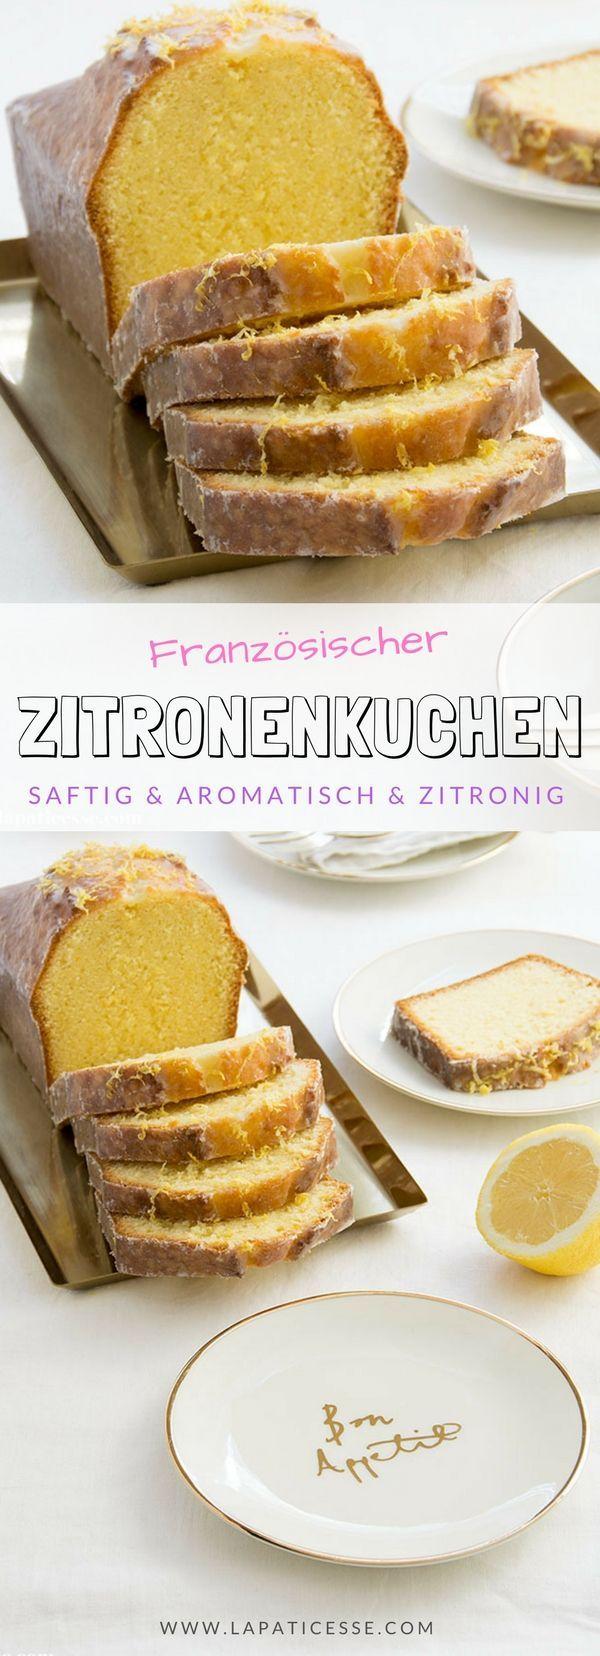 Französischer Zitronenkuchen Cake au citron und viele Kastenkuchen-Tipps